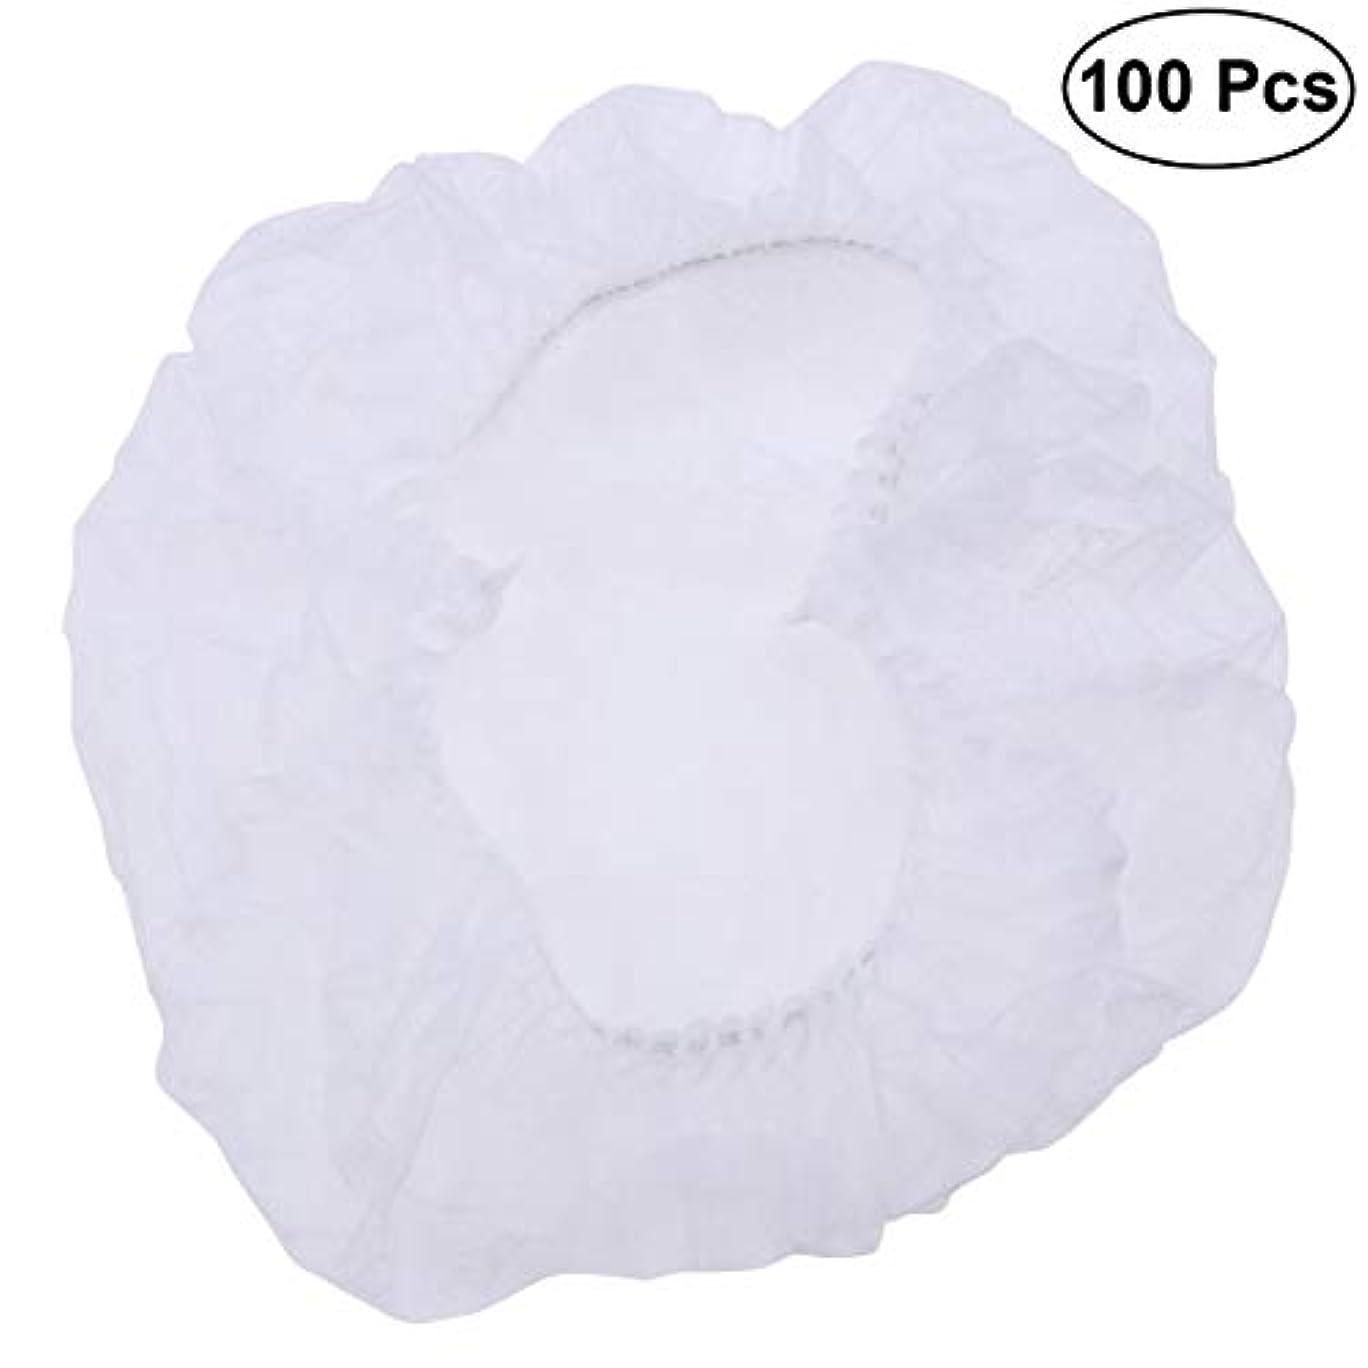 包括的石の確保するSUPVOX ヘアサロンの家のホテル100pcsのための使い捨て可能なシャワーキャップの伸縮性がある毛の帽子